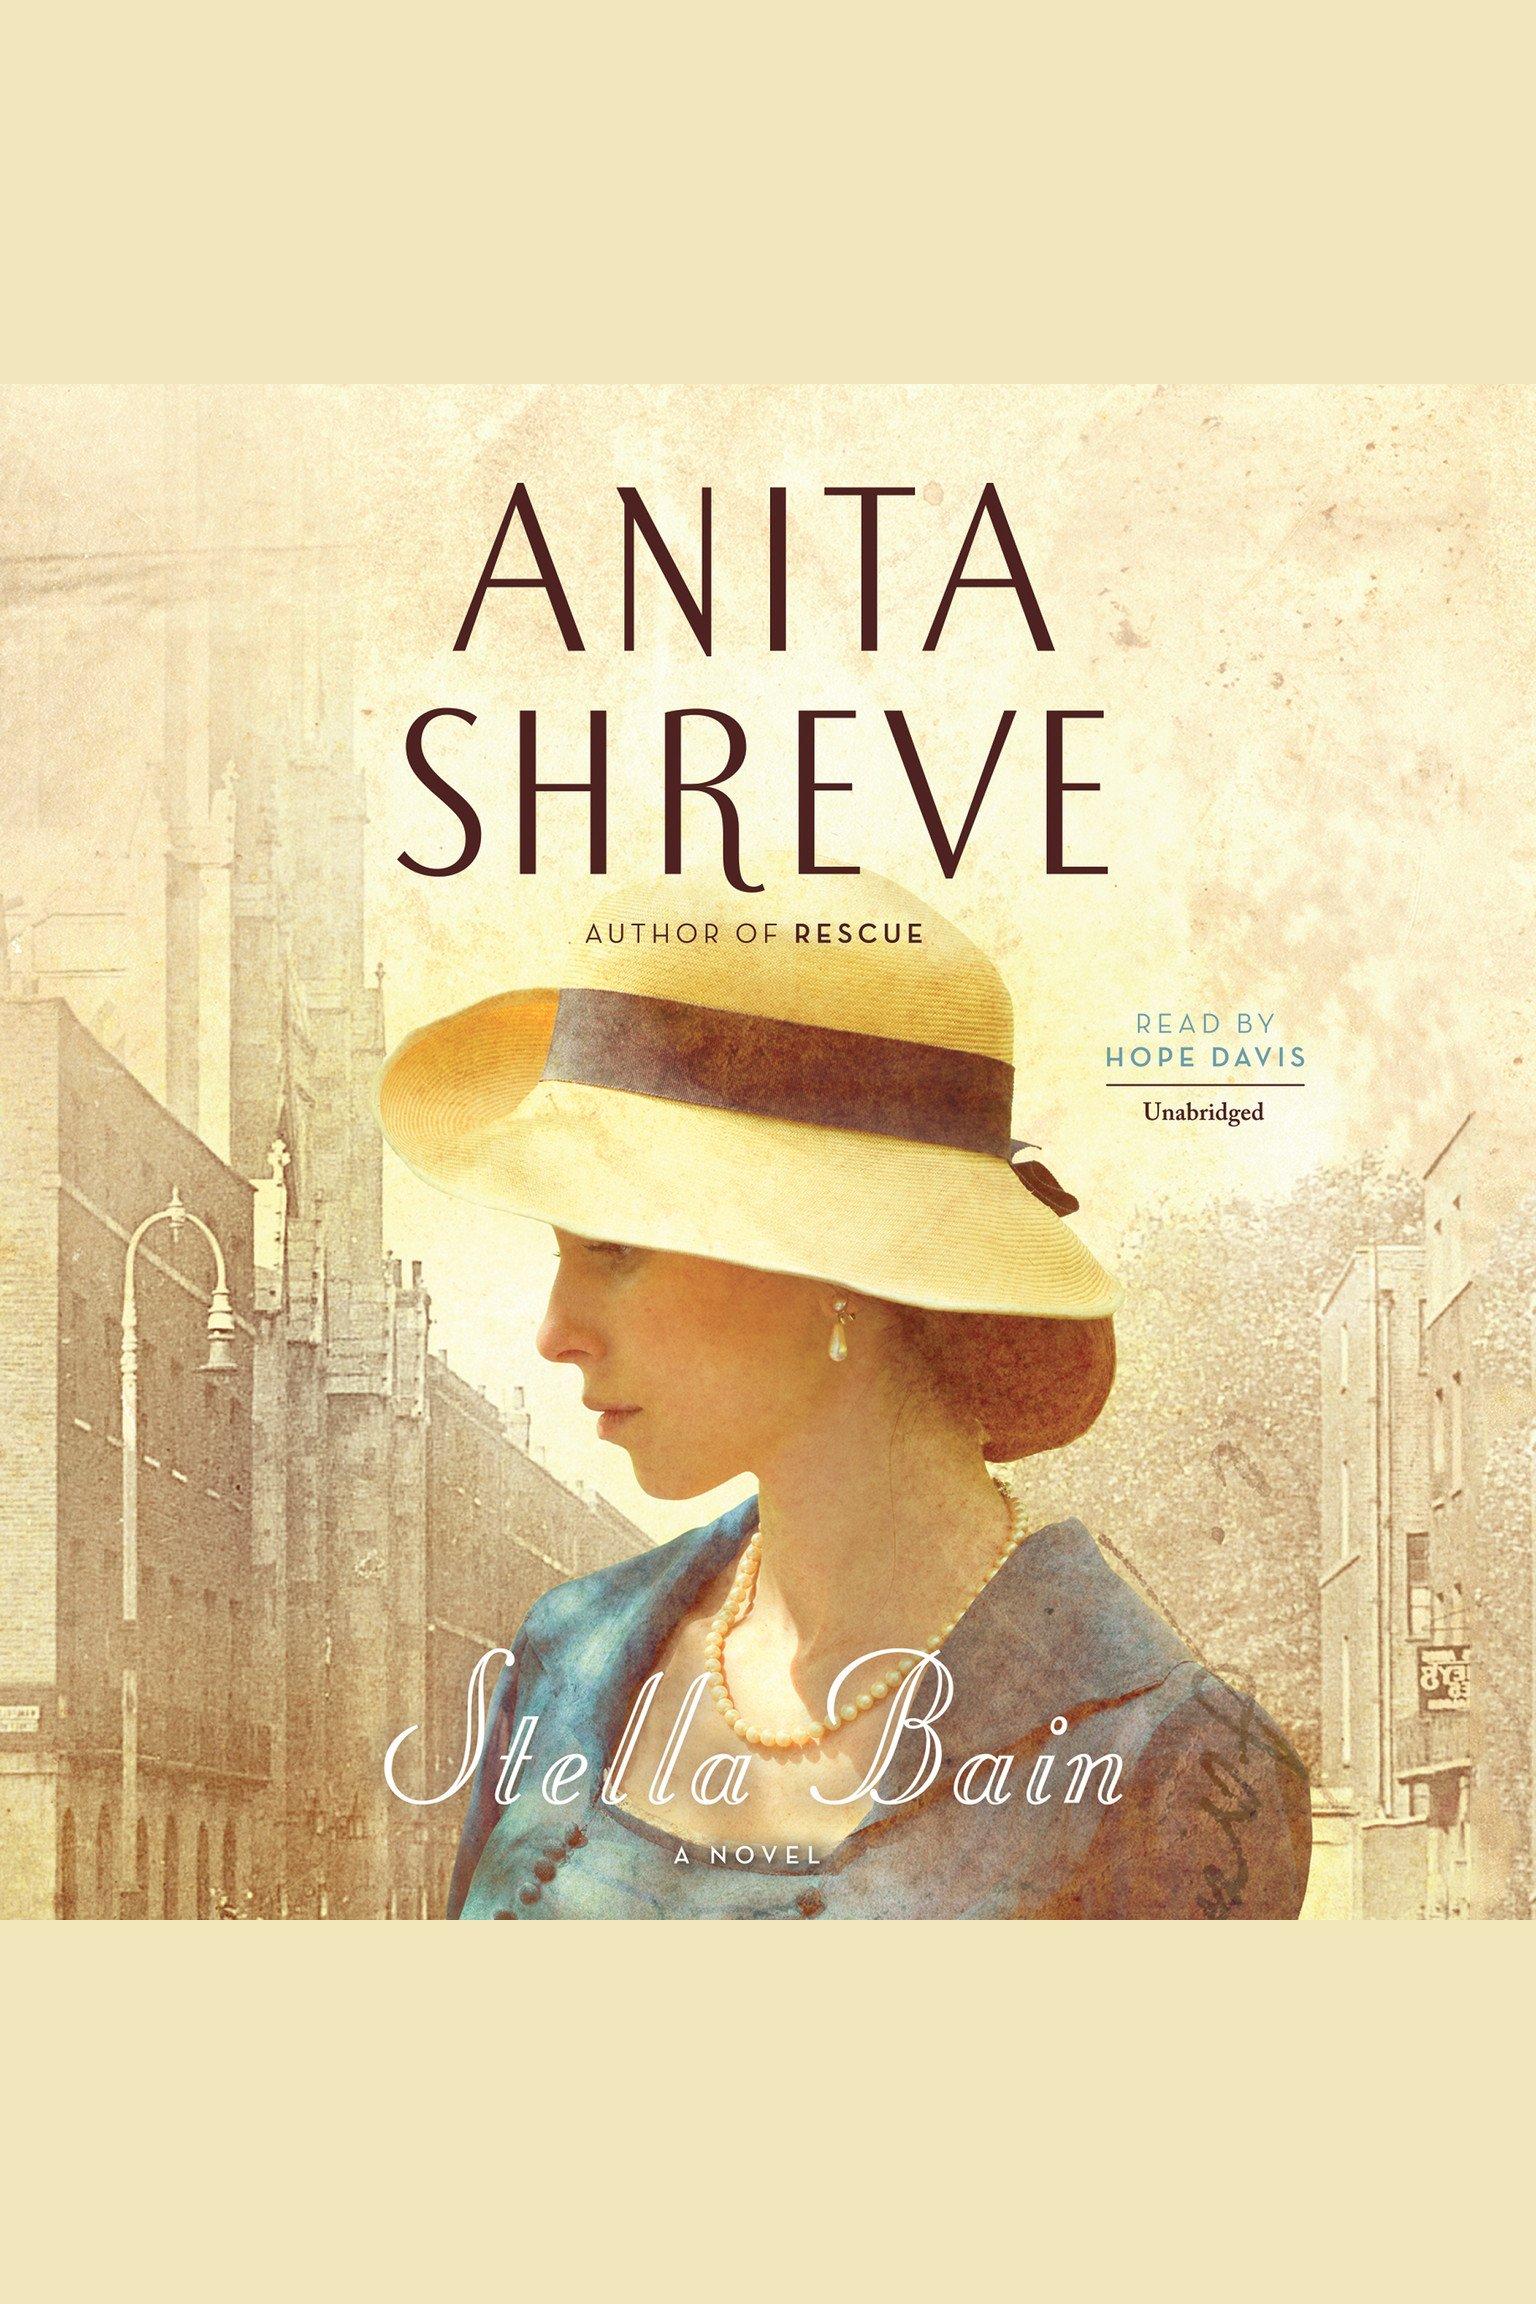 Stella Bain cover image